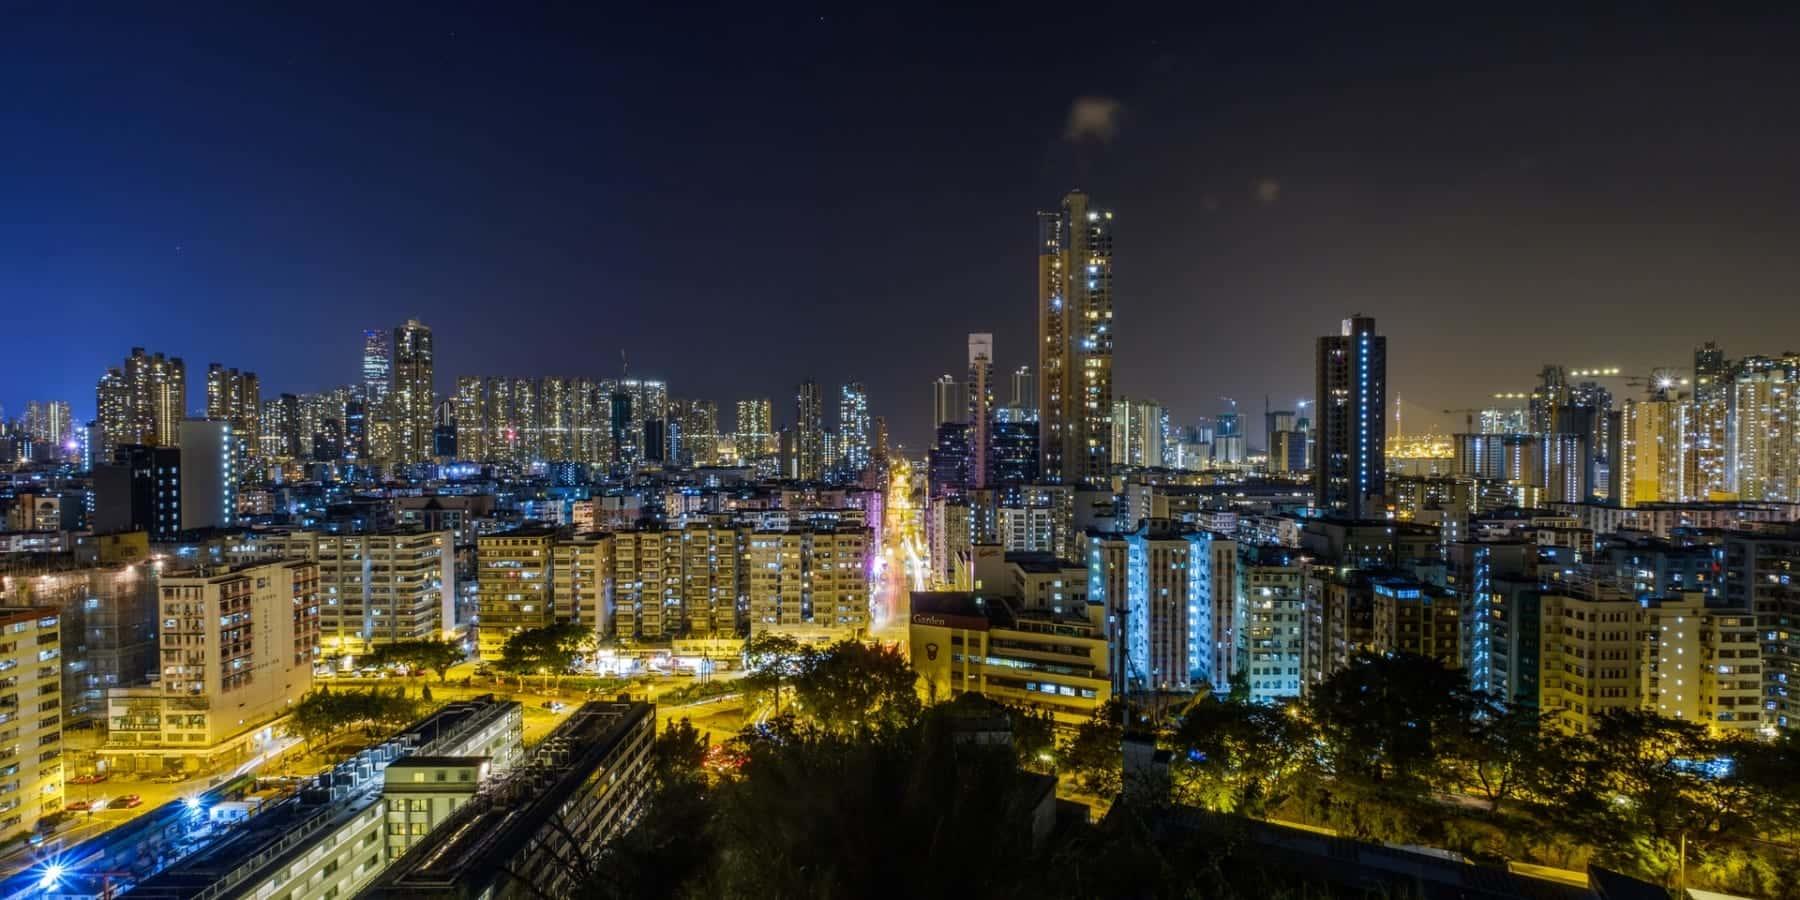 コロナ禍でも安全にエンタメを楽しむ。夜にも寄れる香港の公園「The Grounds」